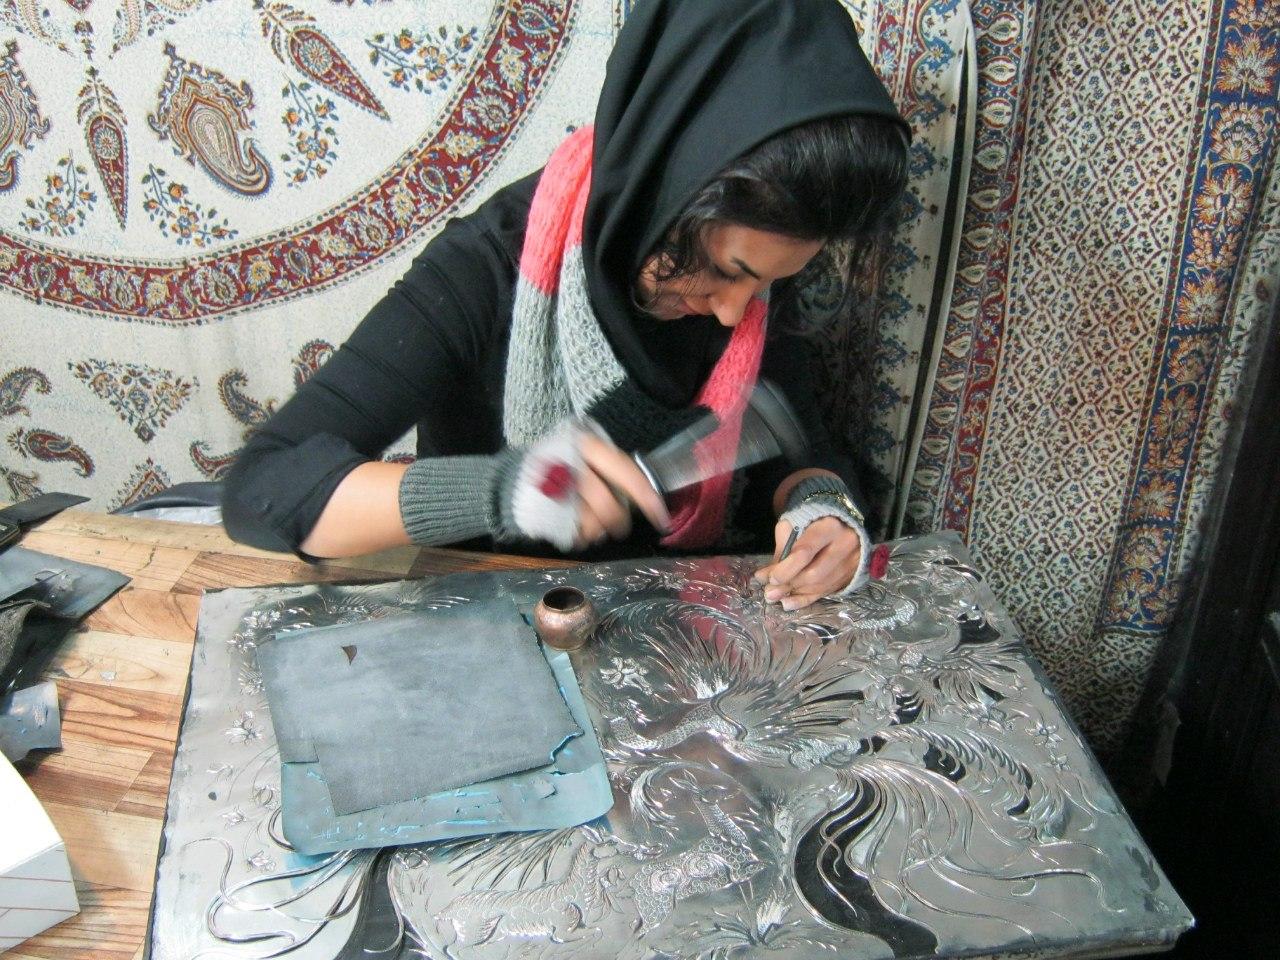 девушки в Иране редко покрывают волосы на своей голове